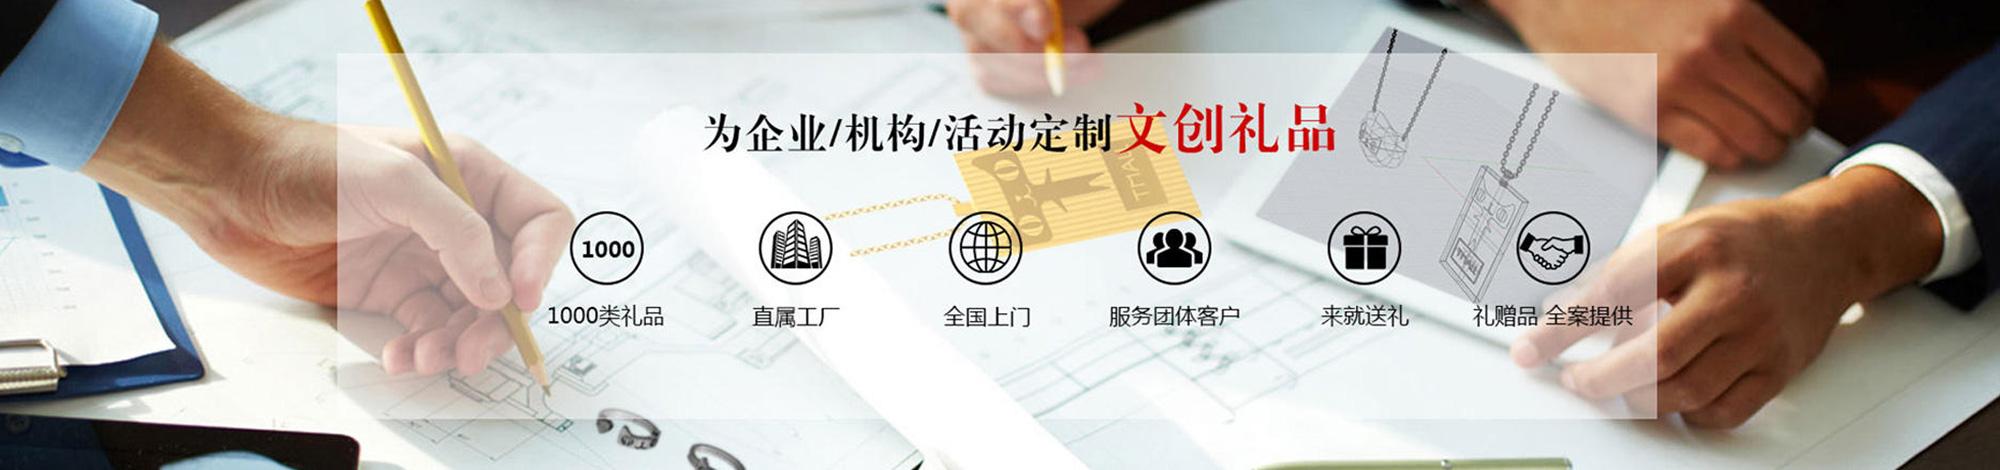 北京金企文创科技有限公司